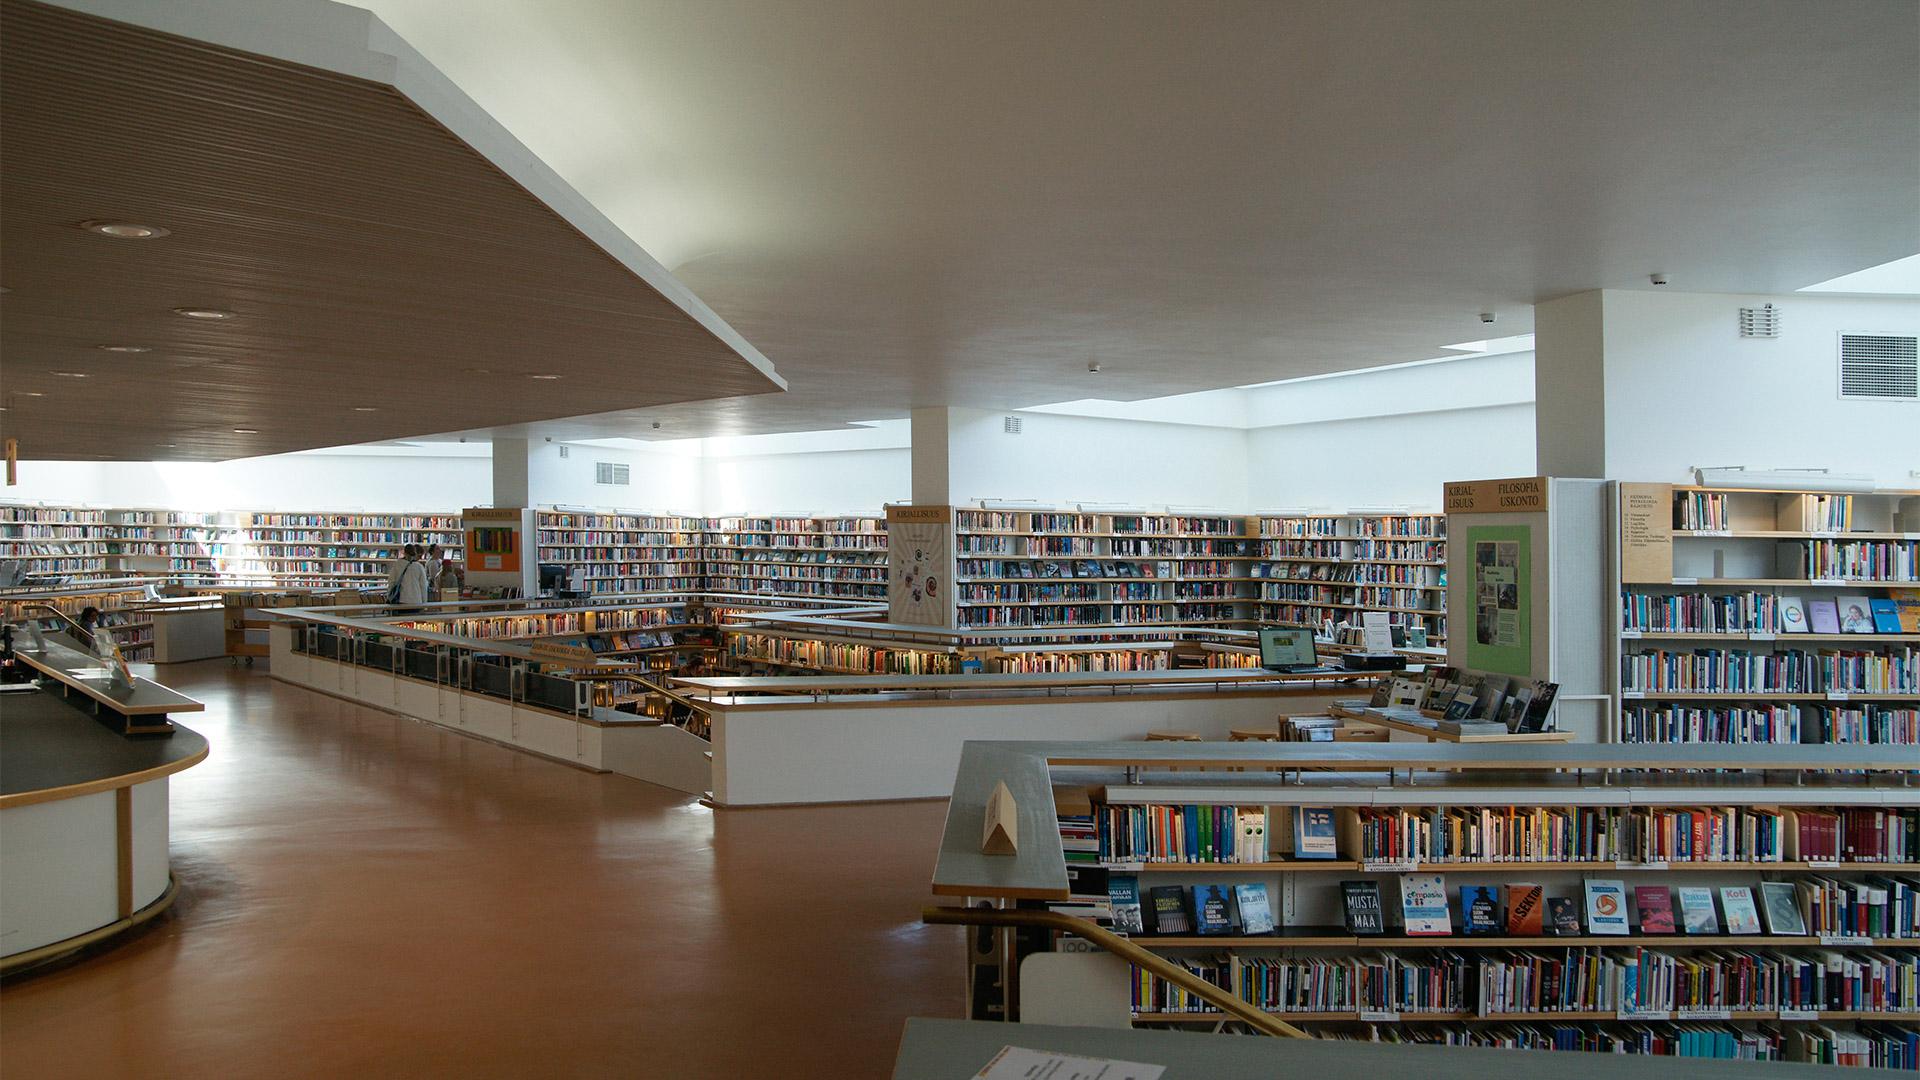 邁向有機空間、建築與城市——阿爾瓦.阿爾托的圖書館建築在1960年代的突破